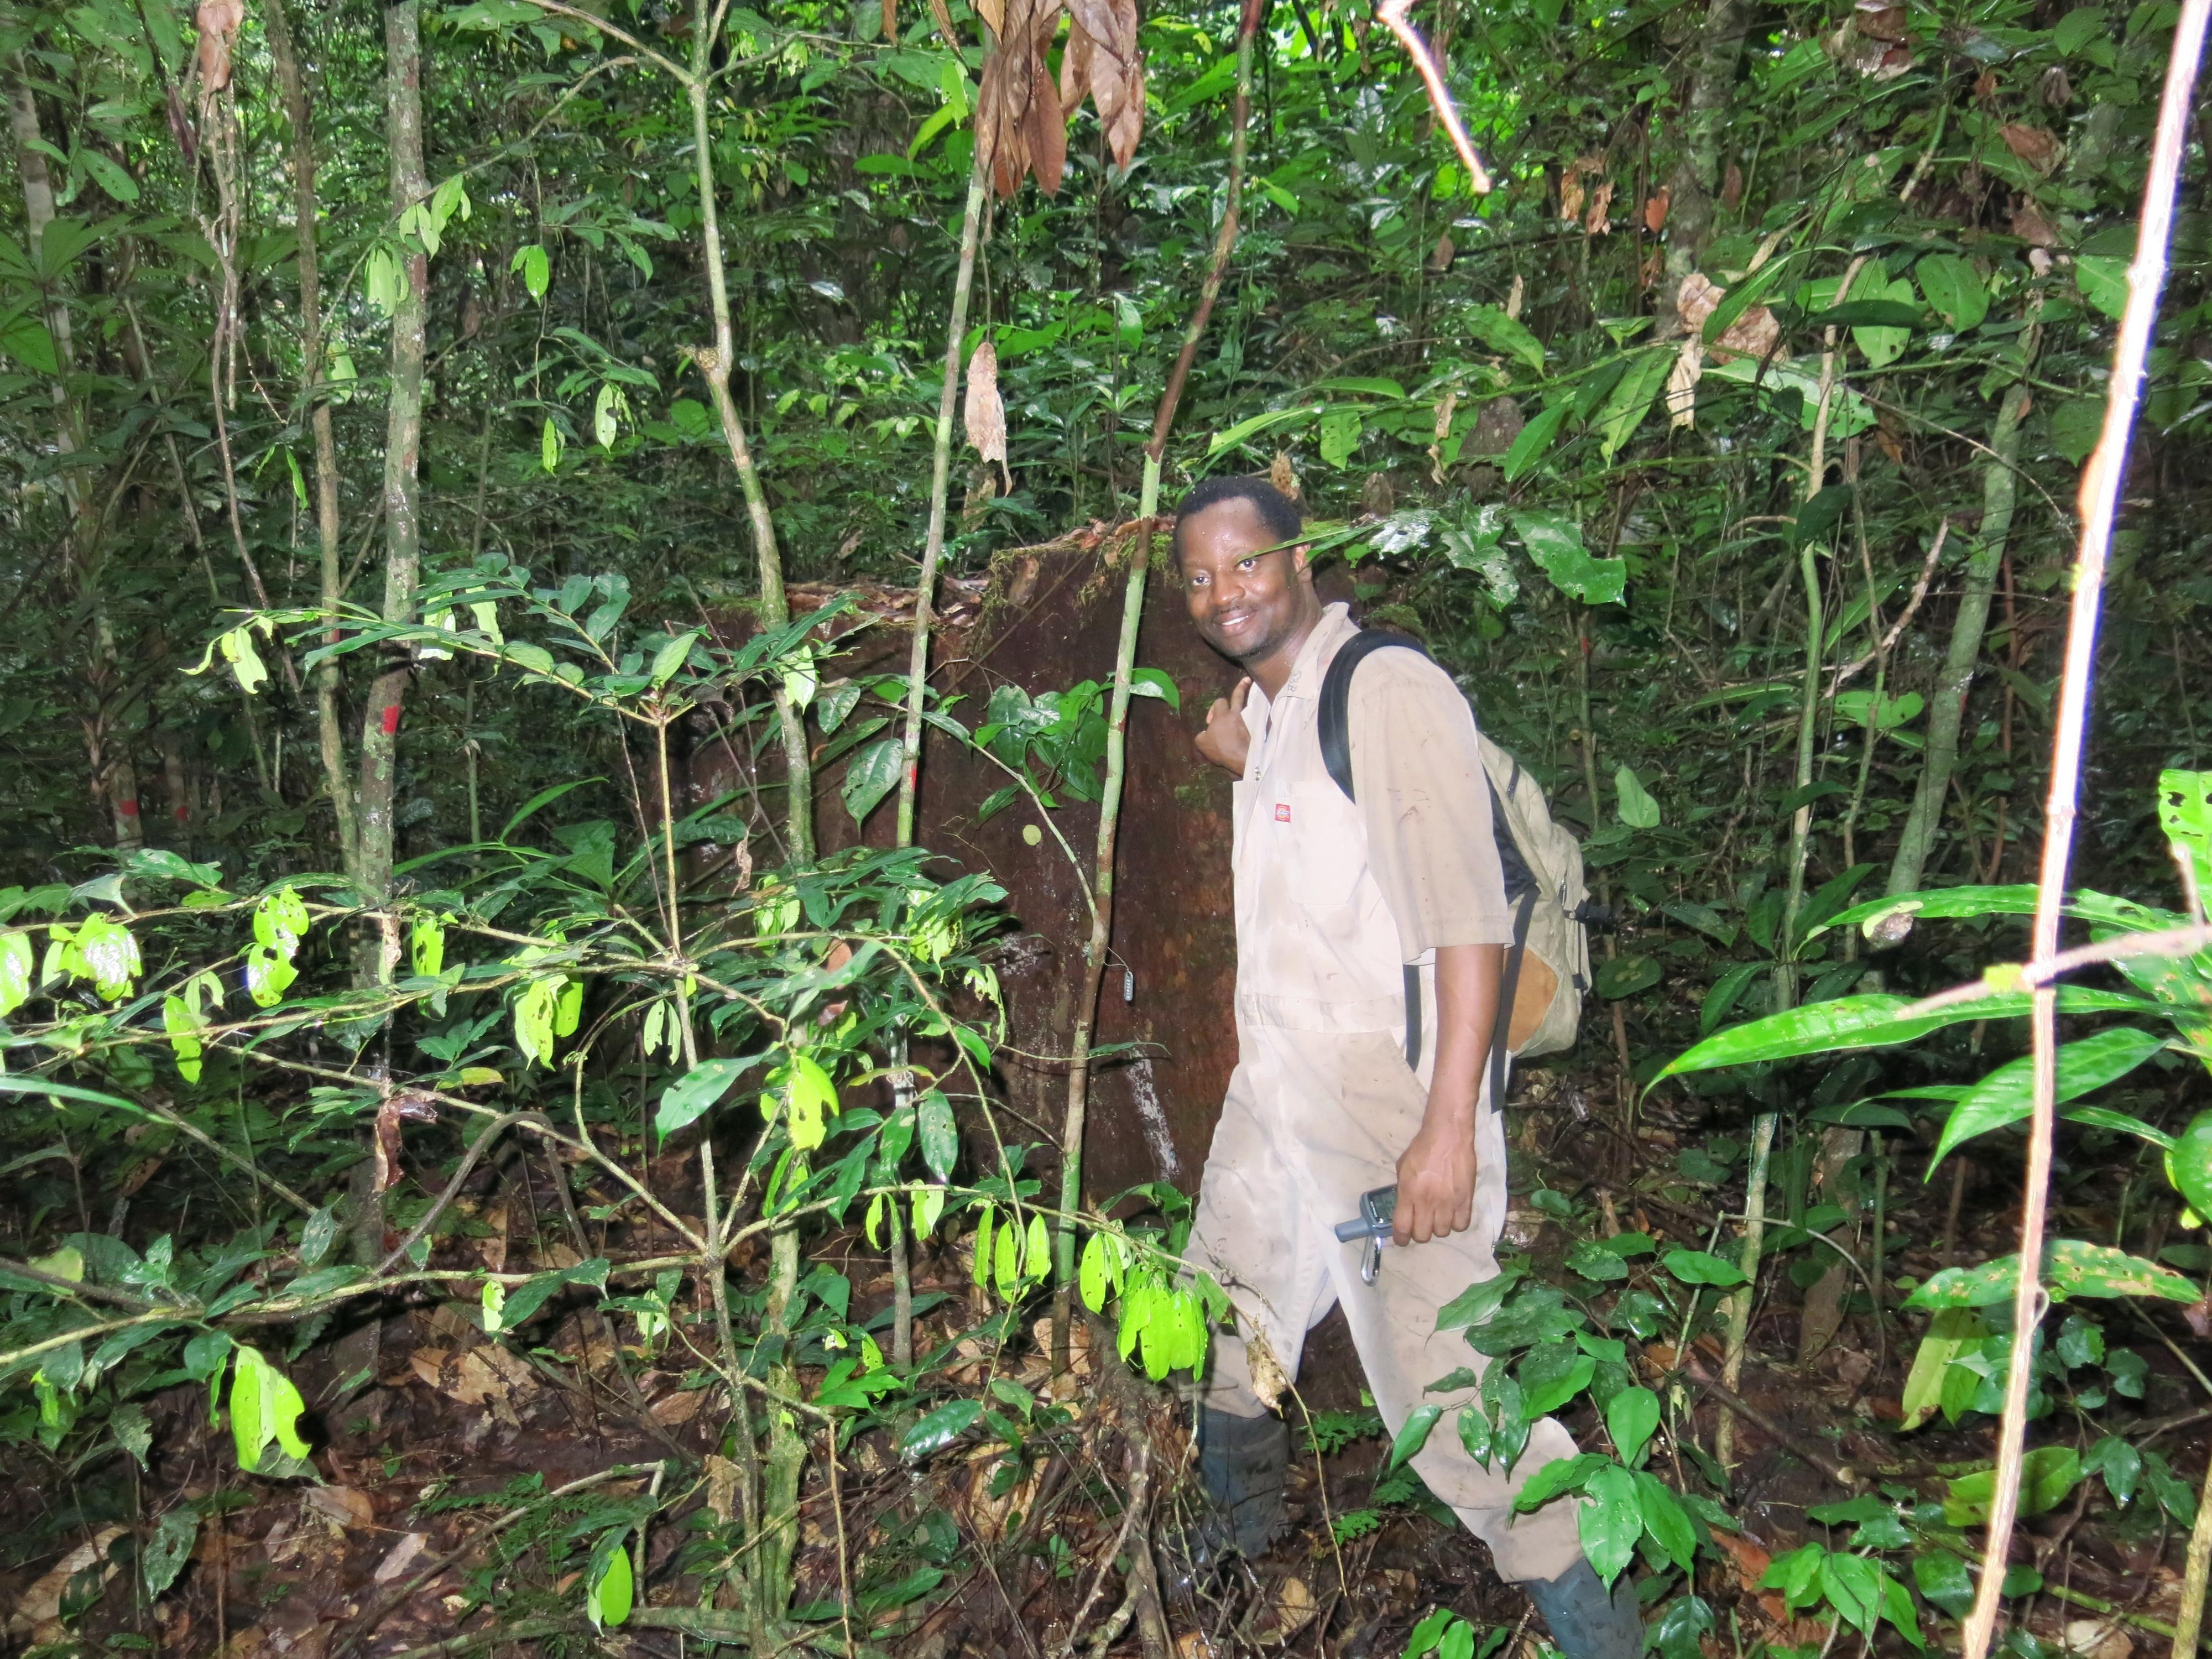 قطعة أرض حيوية بغابة رابي، مركز علوم الغابات الاستوائية التابع لسميثسونيان، قطعة أرض مخصصة للمراقبة الدائمة بغابة رابي، الحياة البحرية في أوغوي بالغابون، مايو 2015.   صورة من:   فريق سميثسونيان.